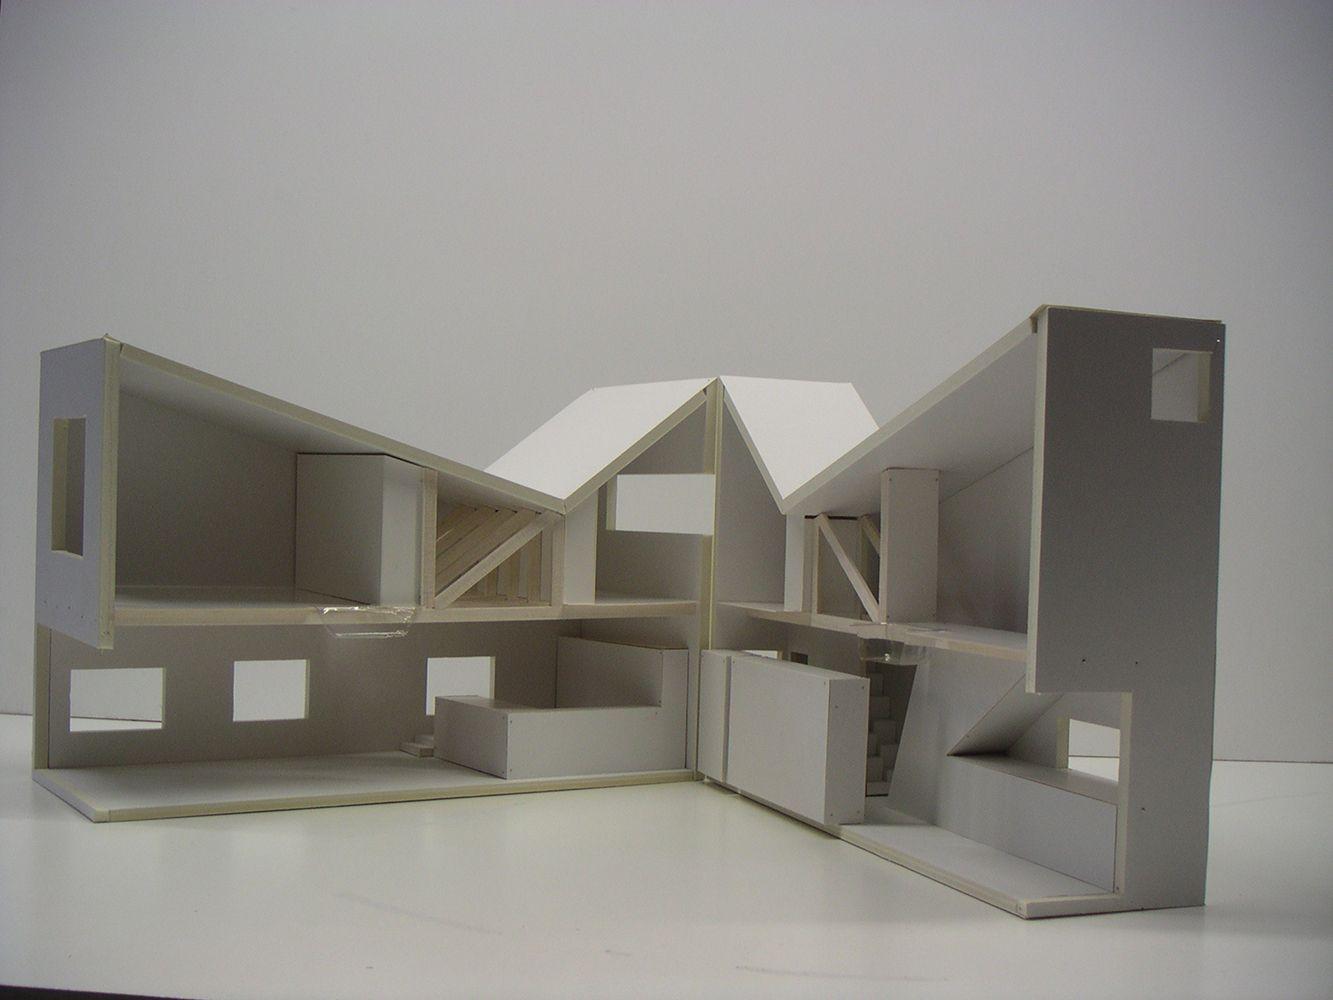 269. MAISON DASSONVILLE Atelier d'architecture Maison